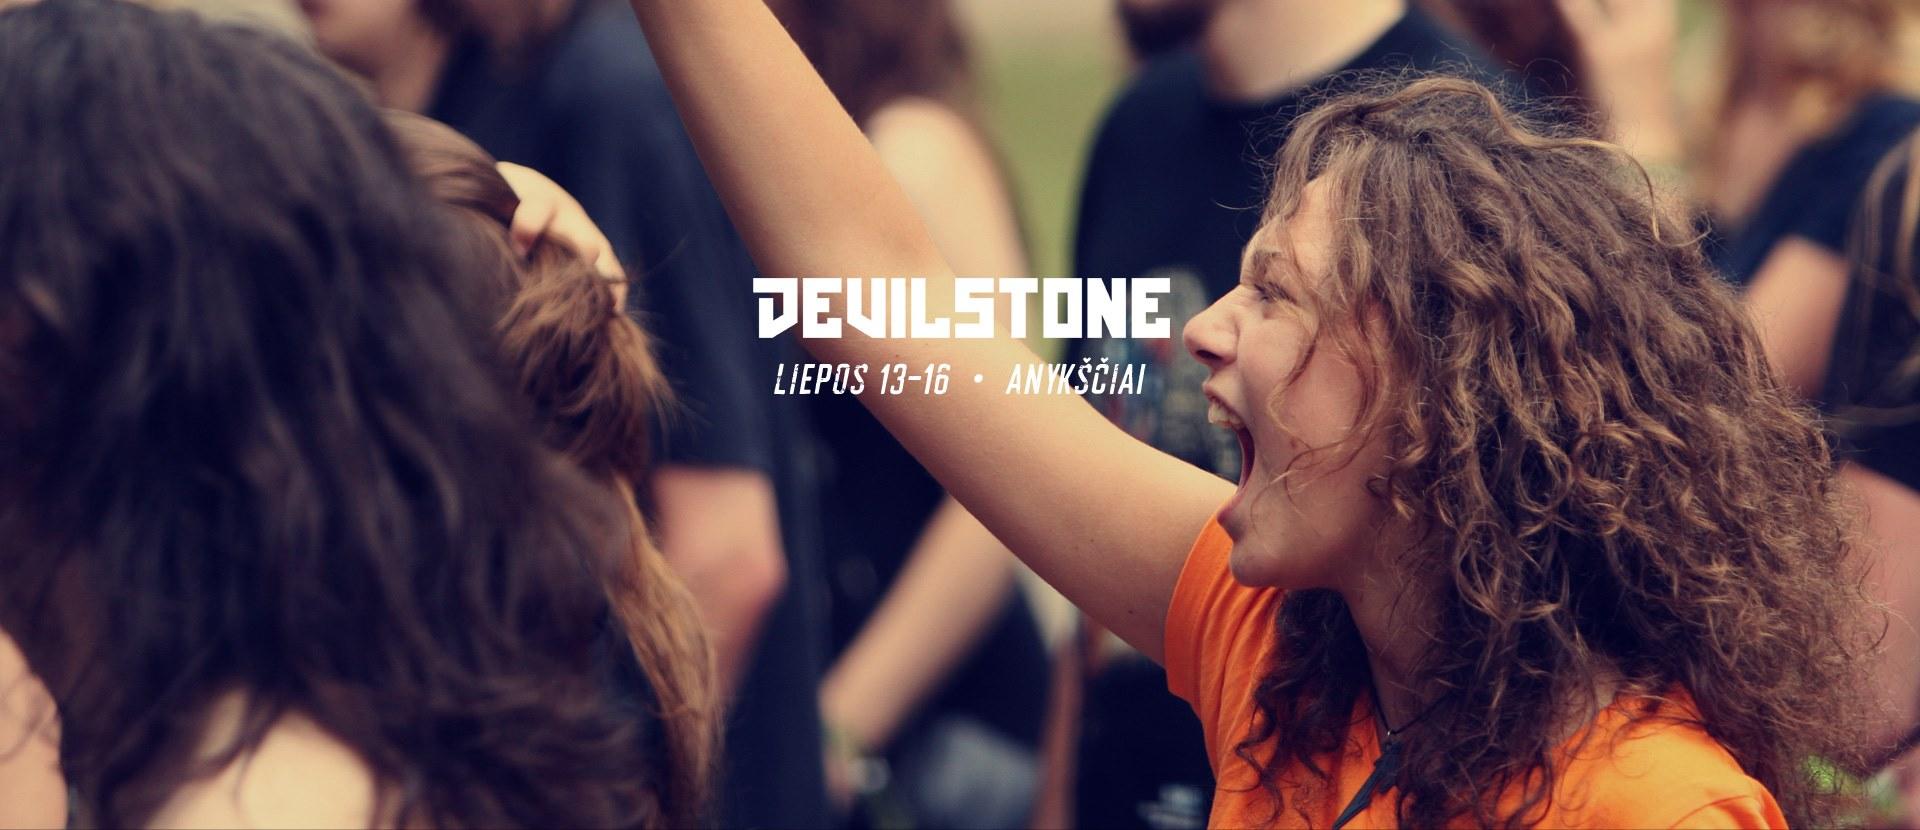 Velnio Akmuo / Devilstone 2017